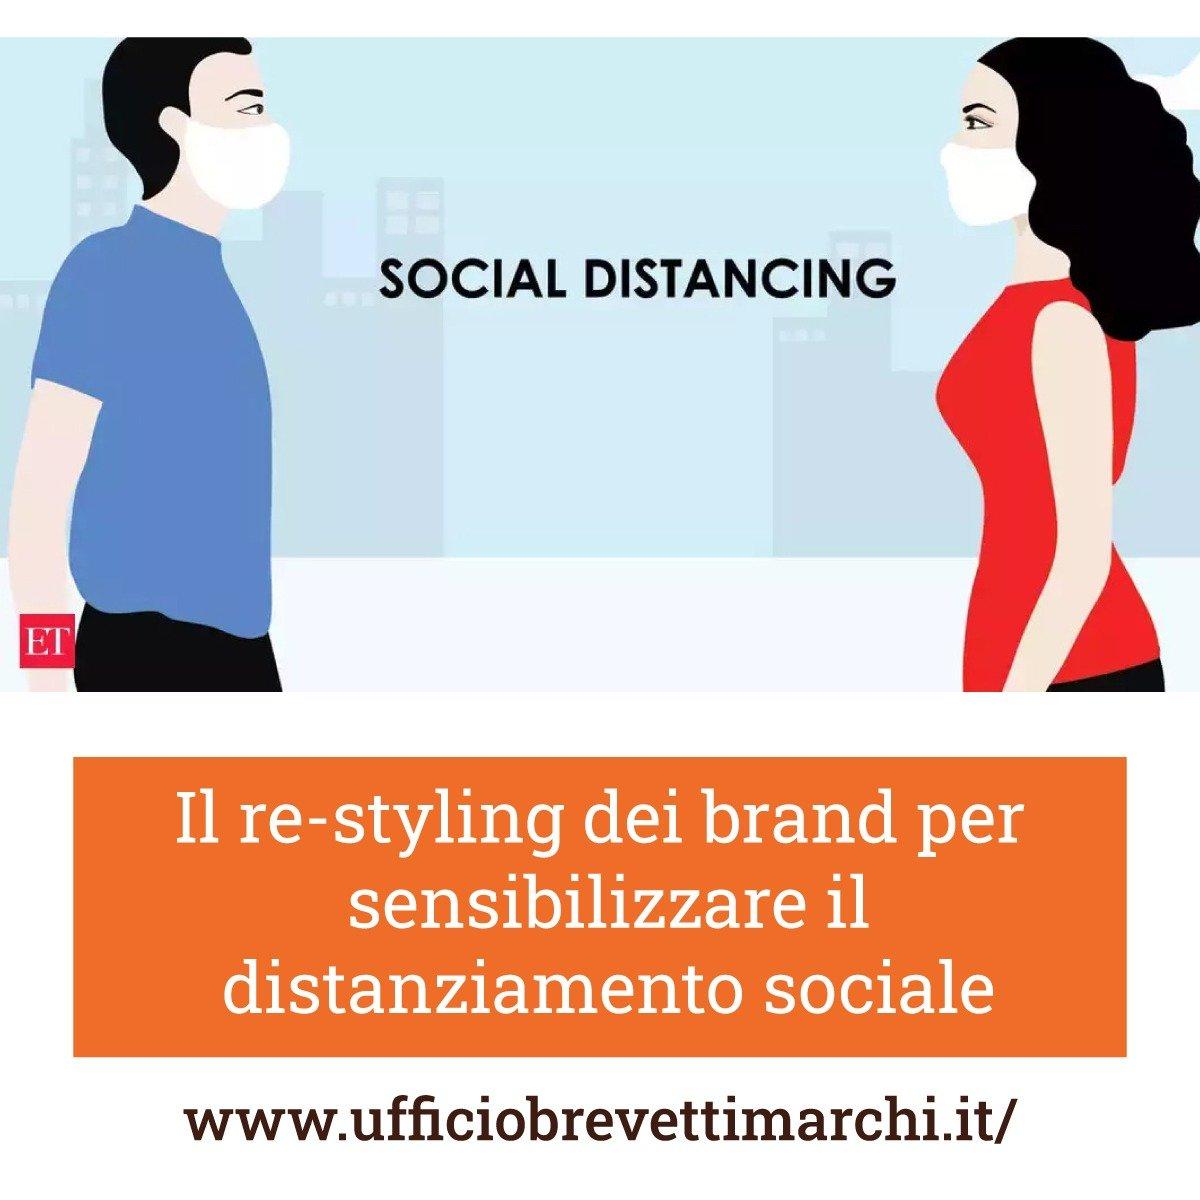 Il re-styling dei brand per sensibilizzare il distanziamento sociale